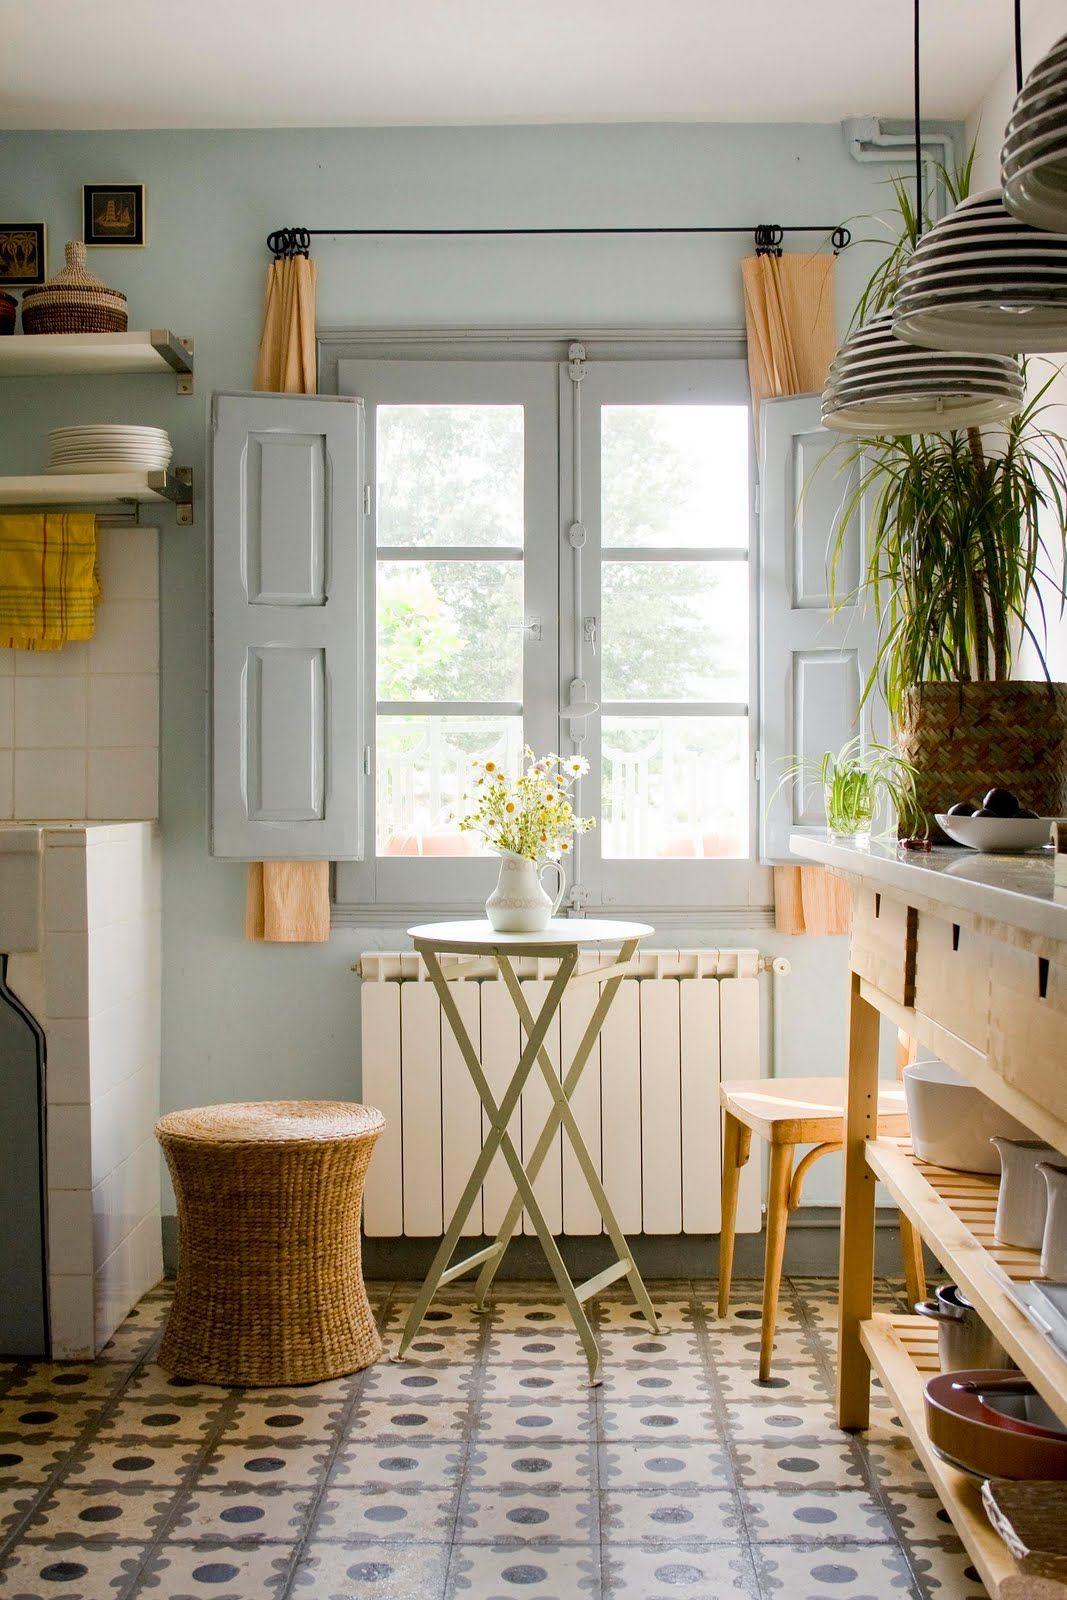 Love The Tiles For My Patio Baldosas Hidraulicas Aire Antiguo Para Un Concepto Moderno Decoracion Casera Decoraciones De Casa Decoracion De Unas